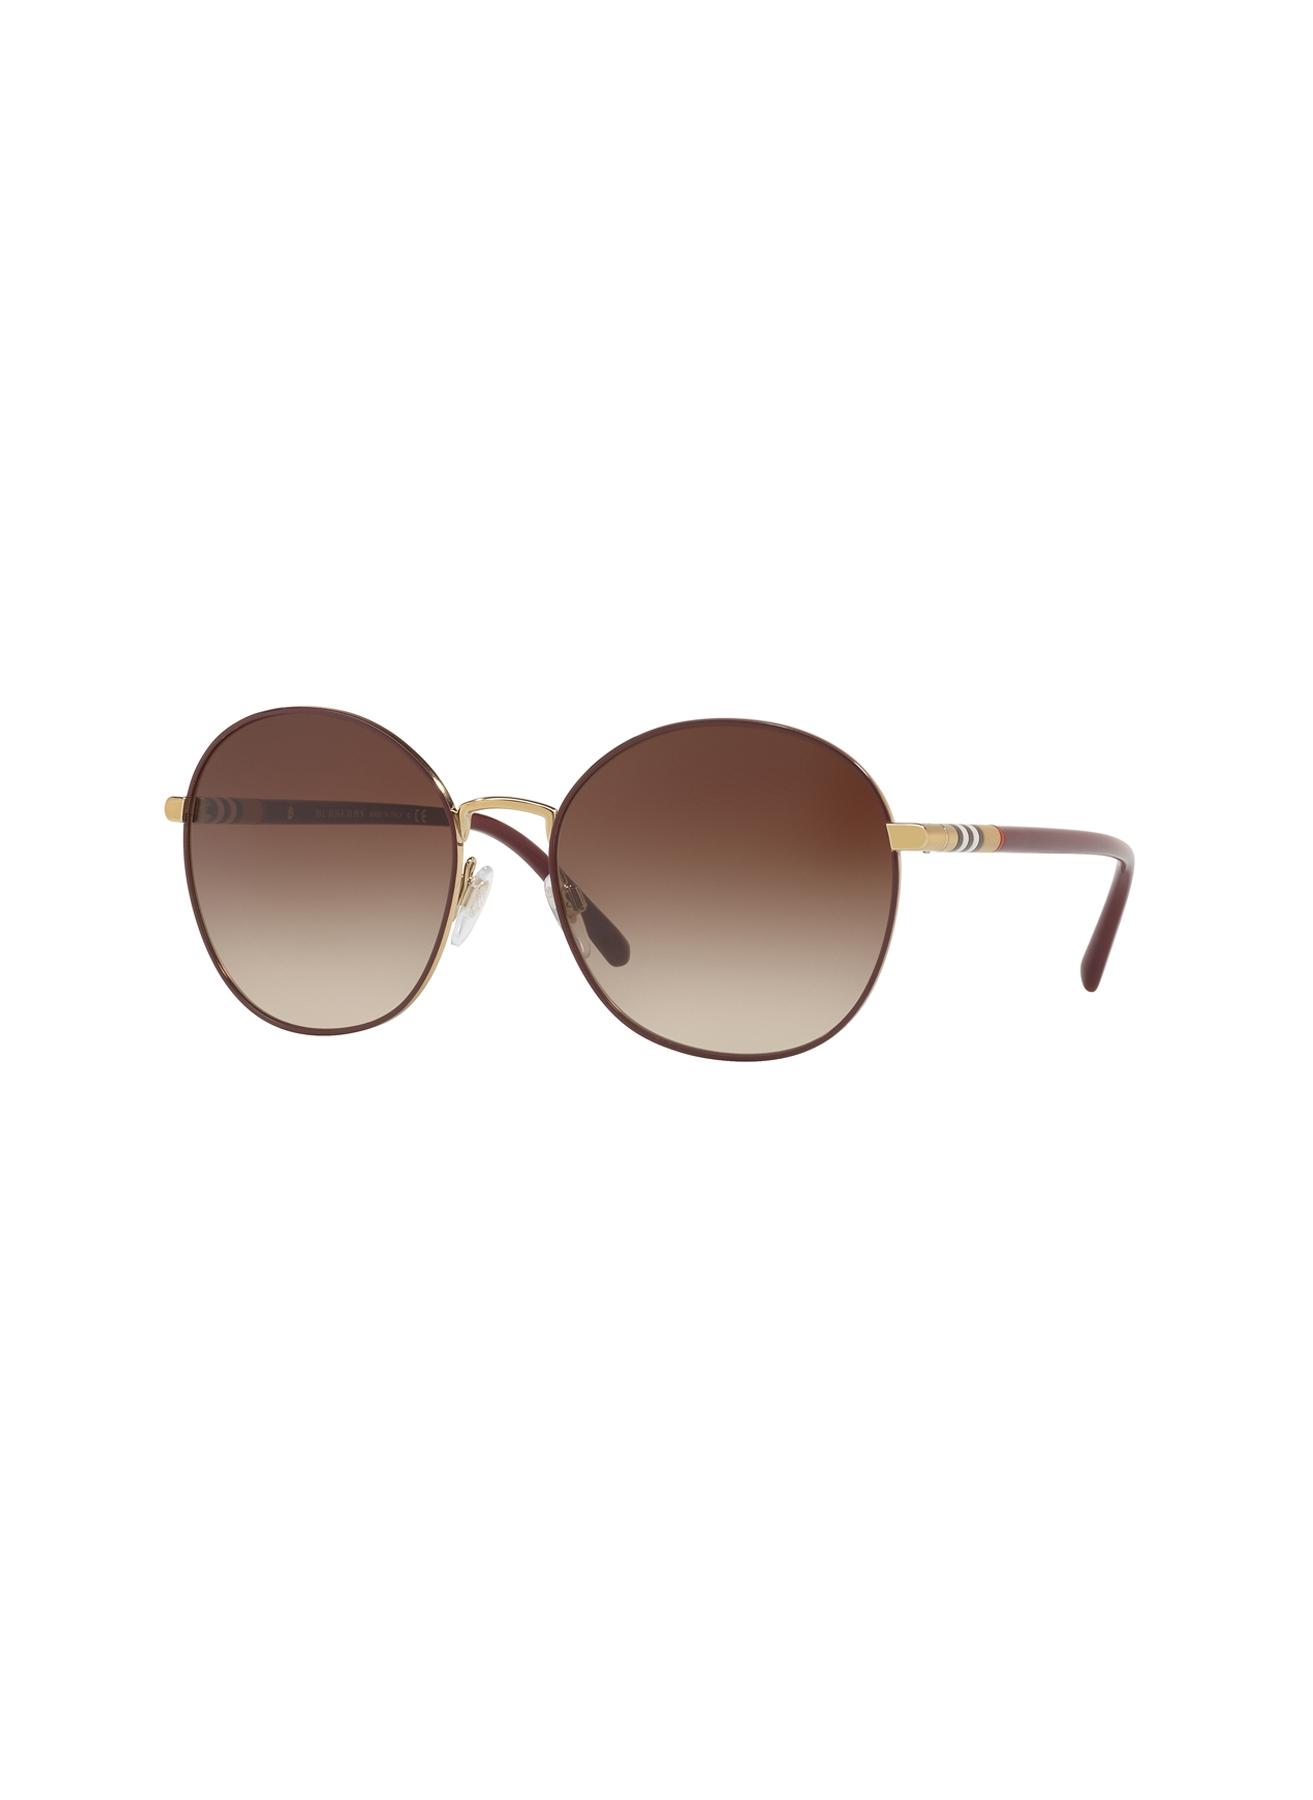 Burberry 0BE3094 Güneş Gözlüğü 5000179828001 Ürün Resmi